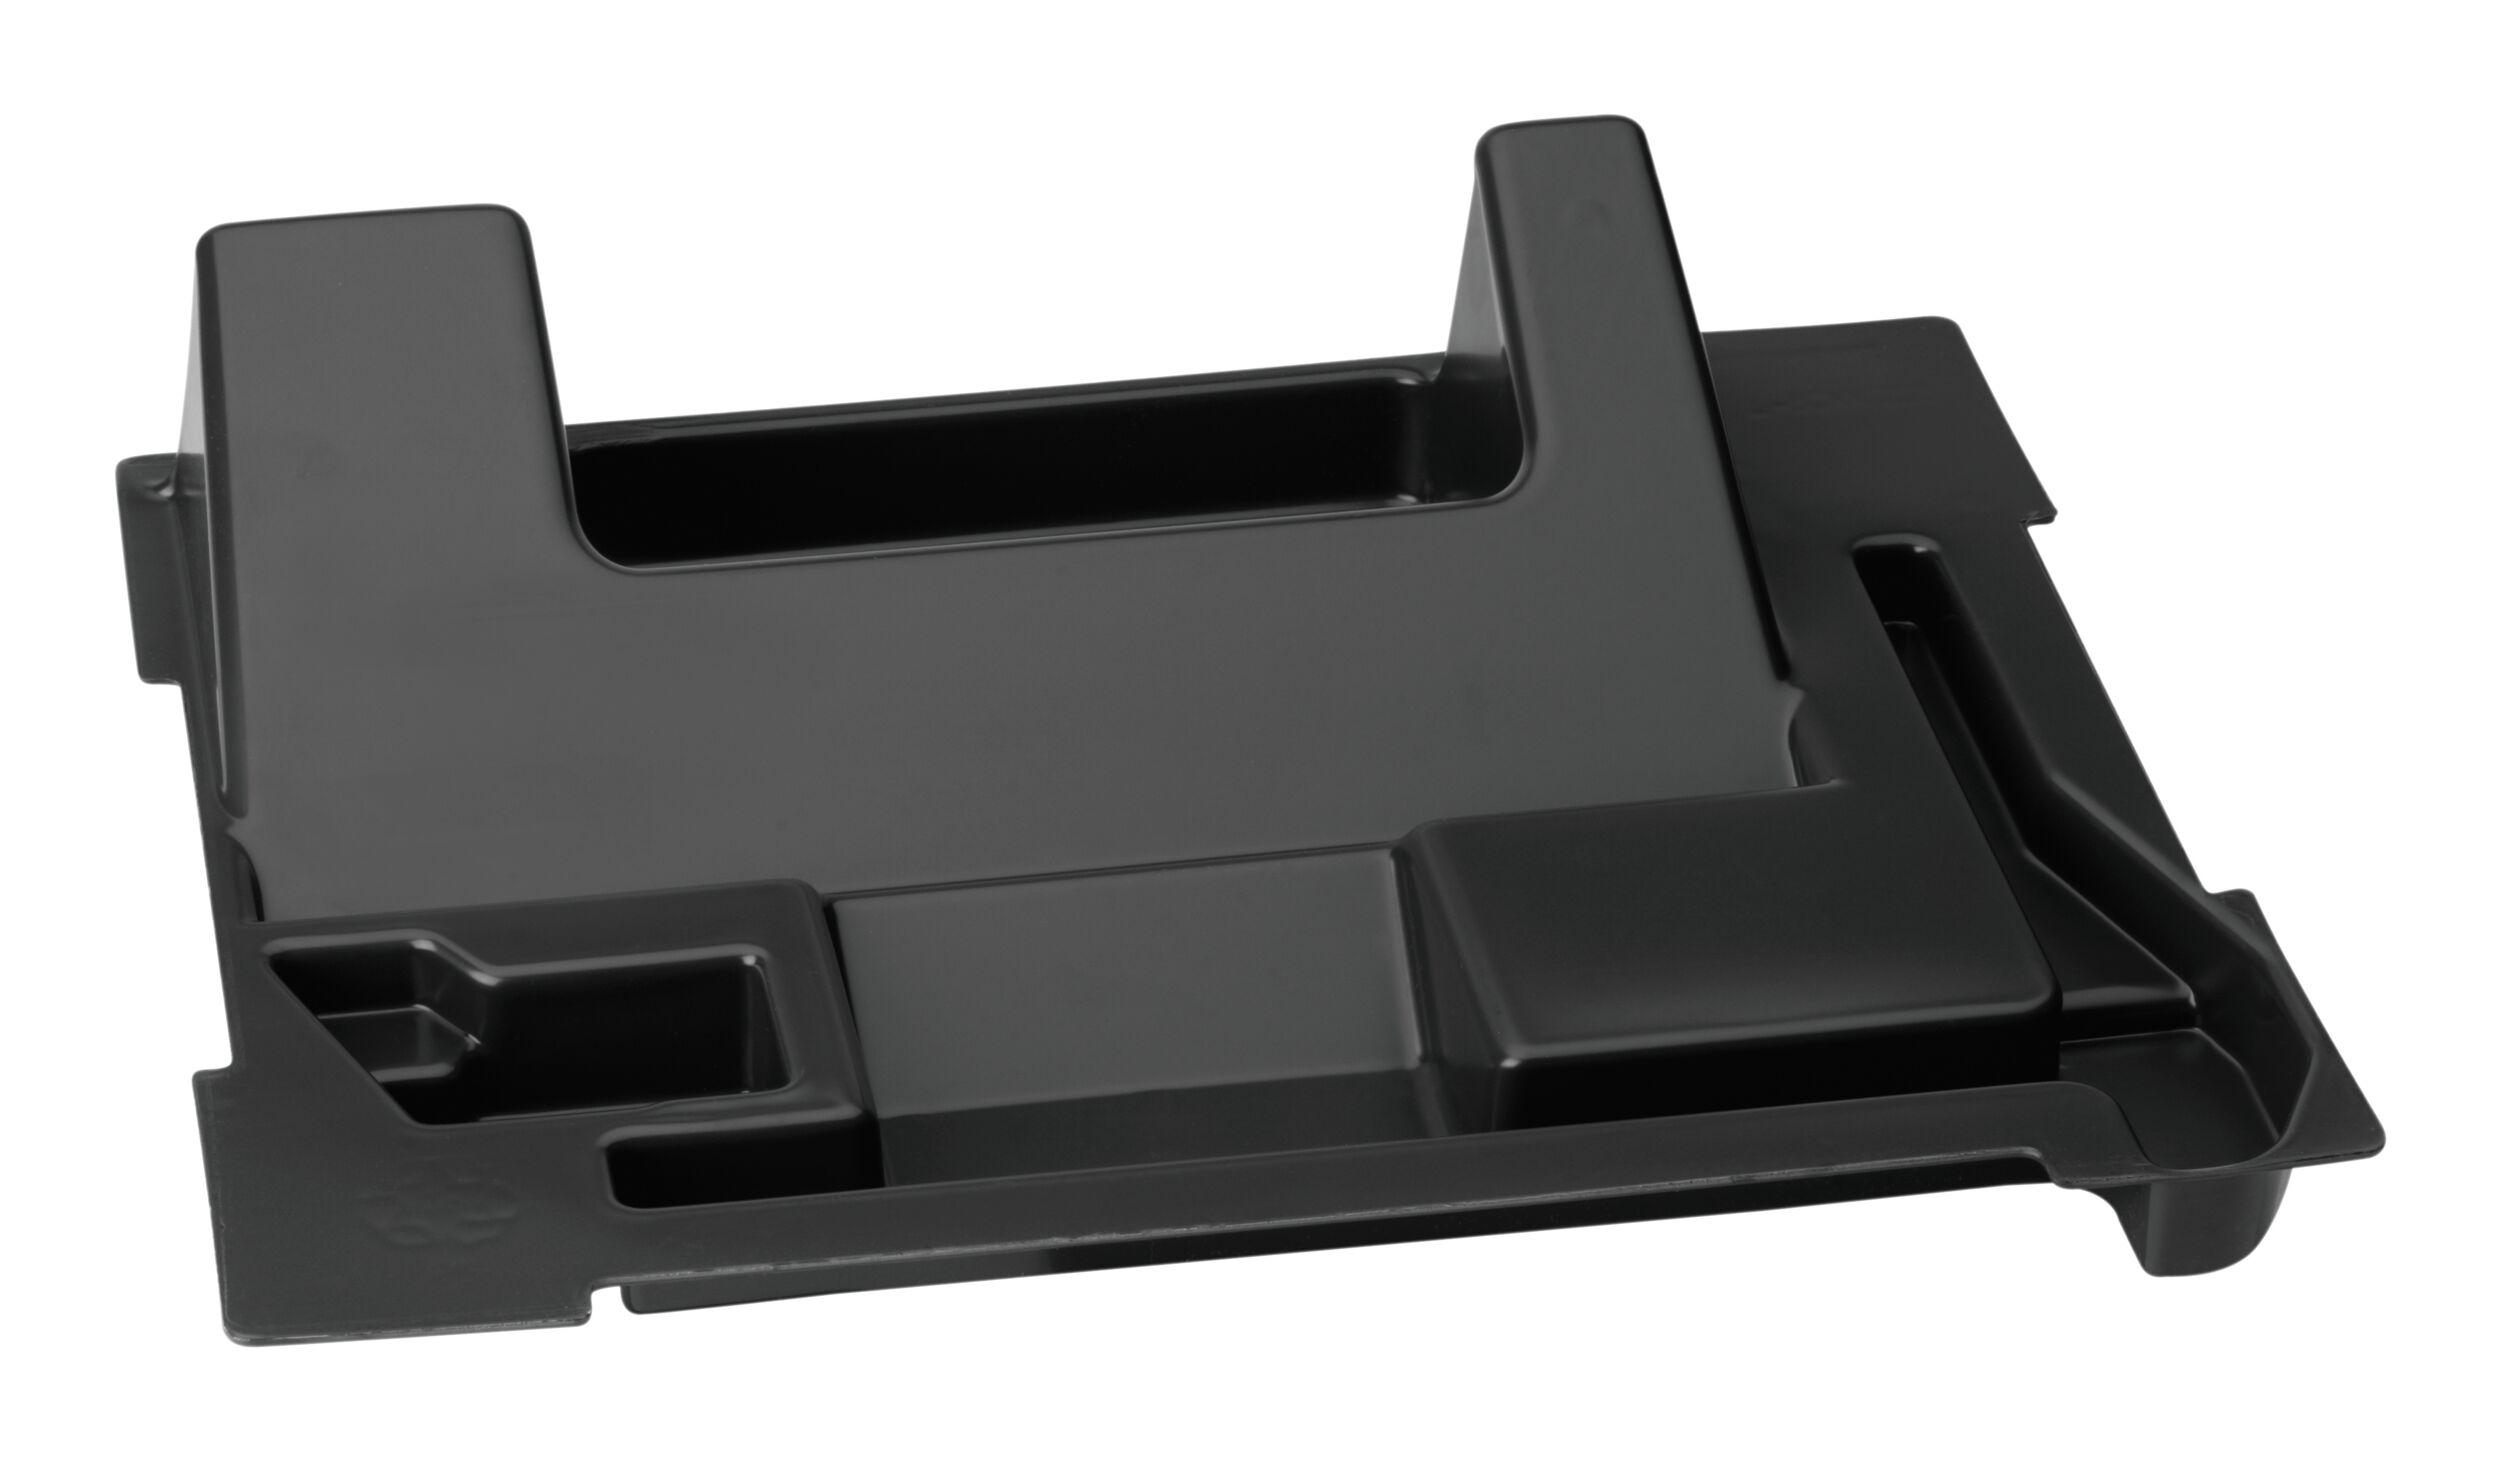 Bosch Blau Professional Einlage zur Werkzeugaufbewahrung für GKS 65 - 1600A002V9